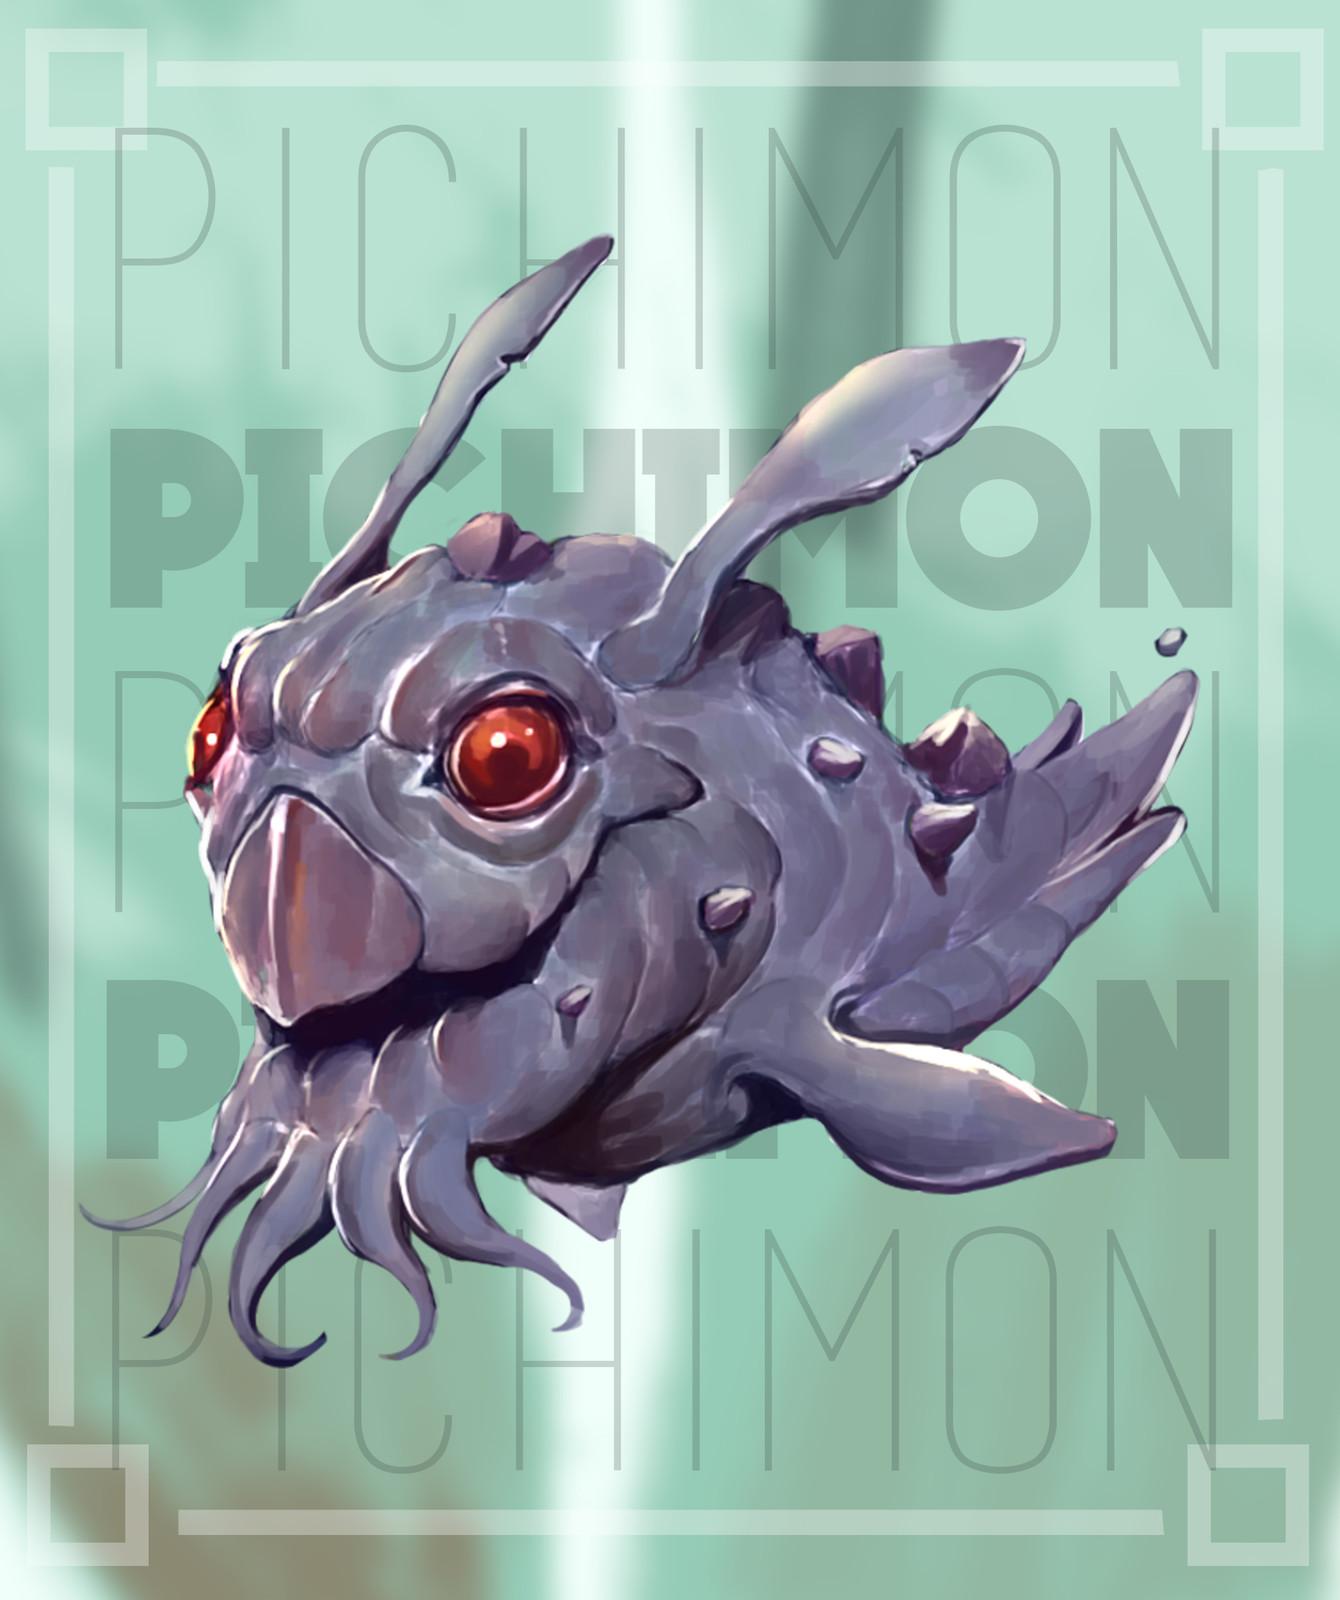 Pichimon